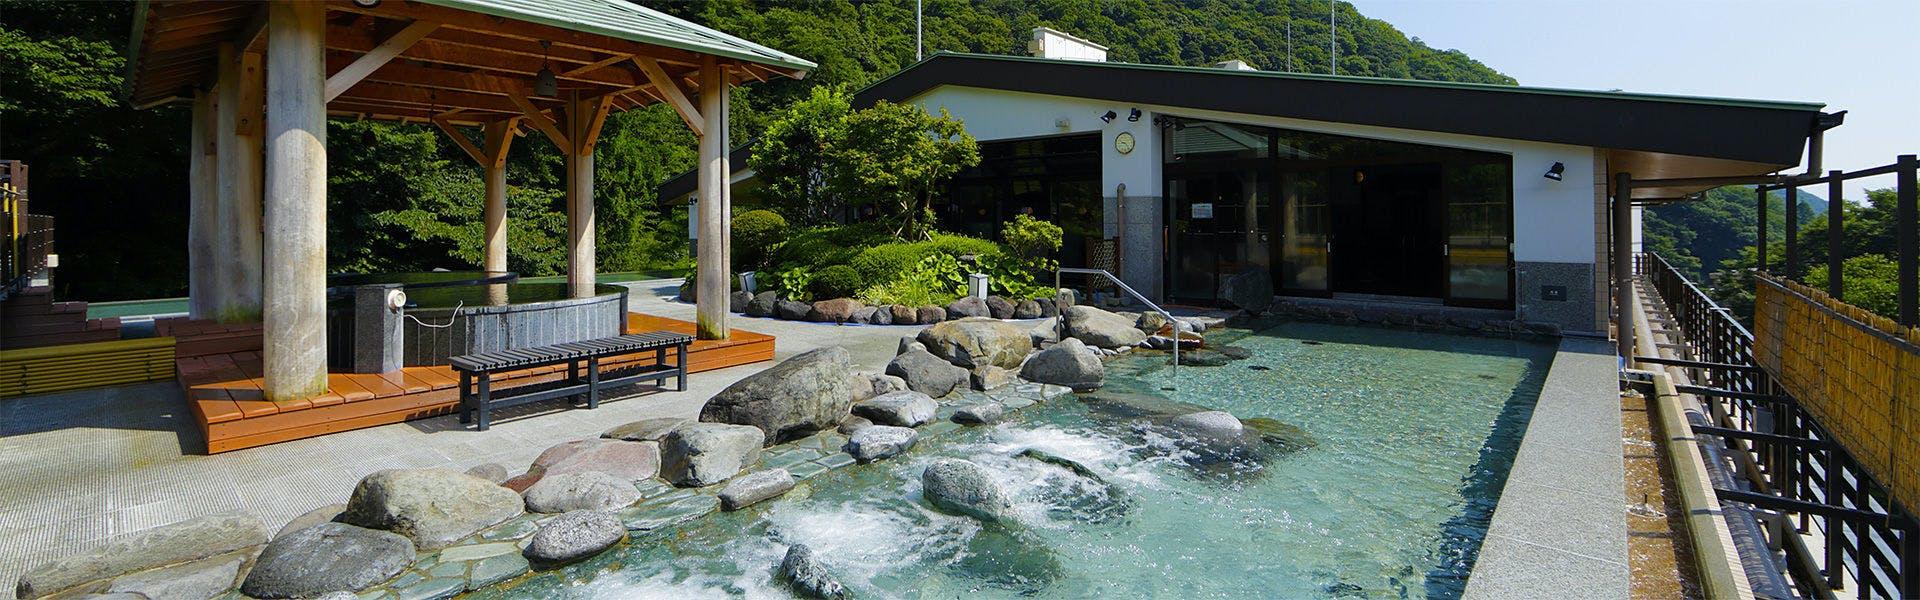 記念日におすすめのホテル・箱根湯本温泉 天成園の写真1